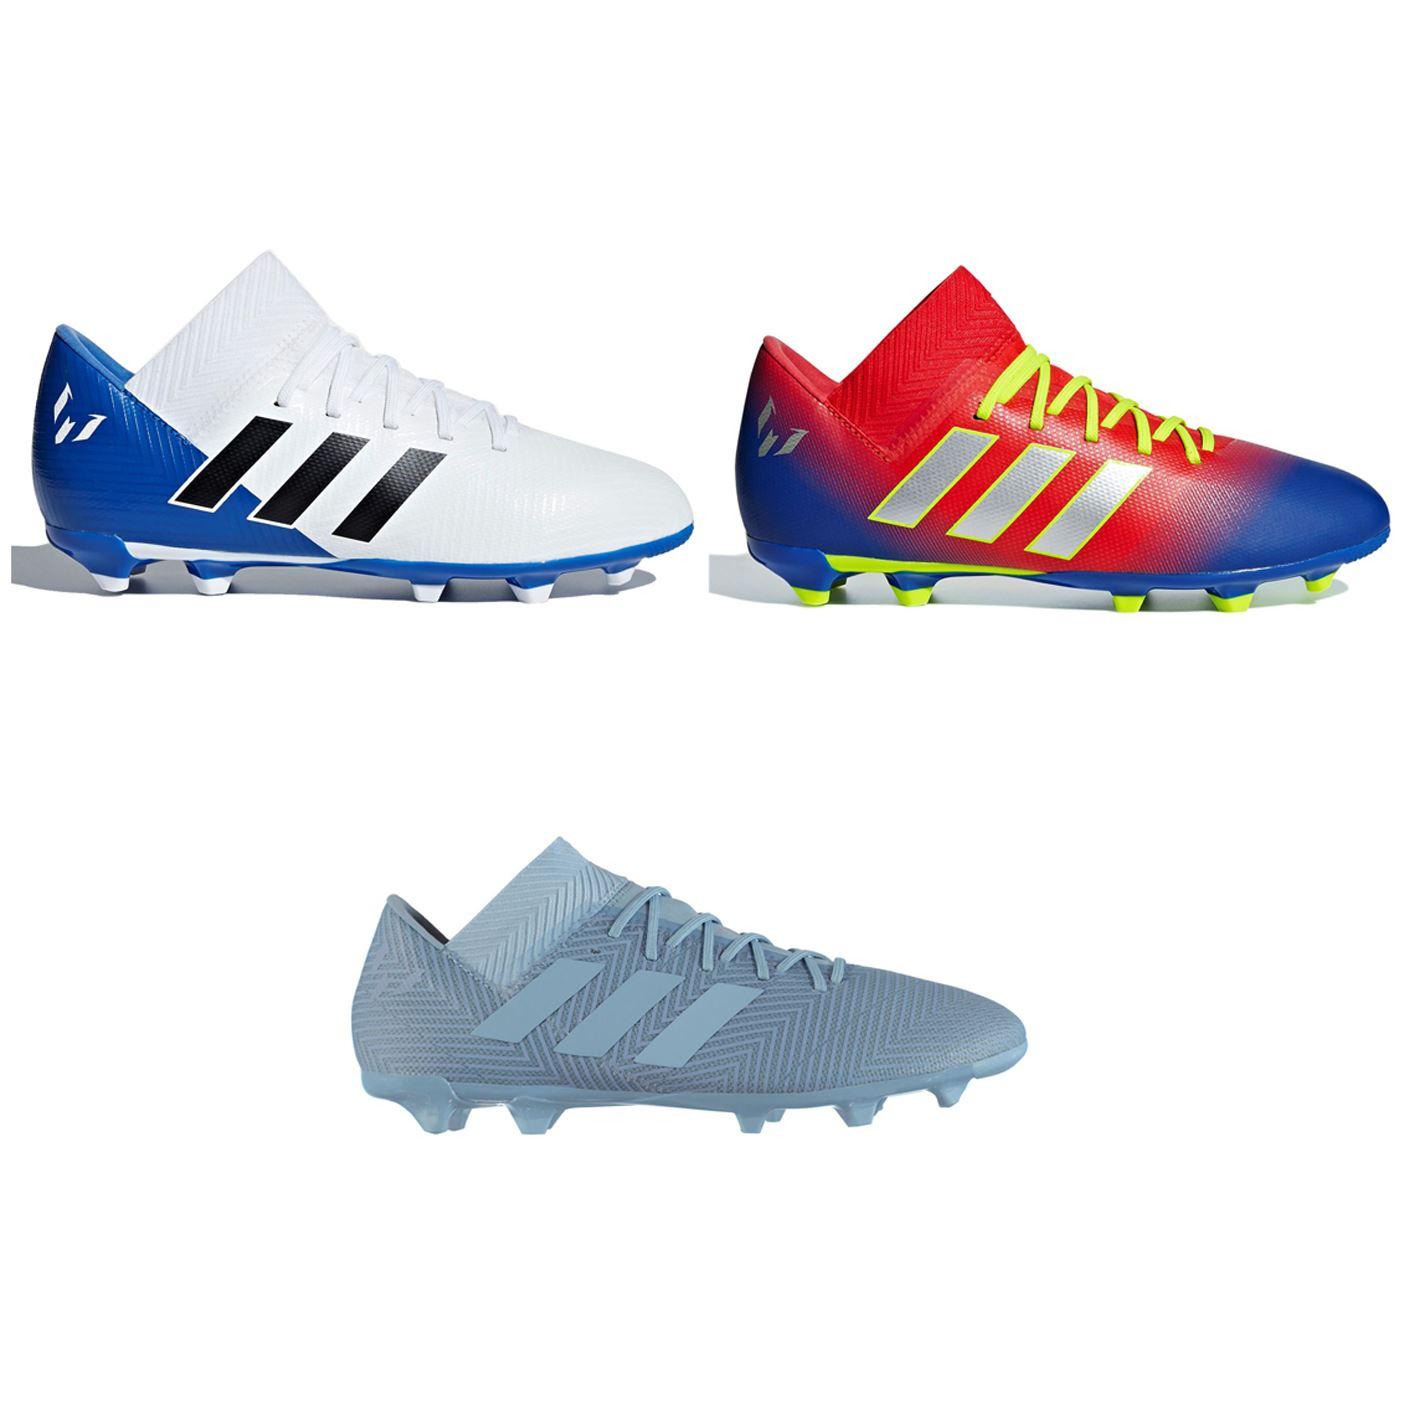 ... adidas Nemeziz Messi 18.3 FG Firm Ground Football Boots Juniors Soccer  Cleats ... 1e9d1b84572